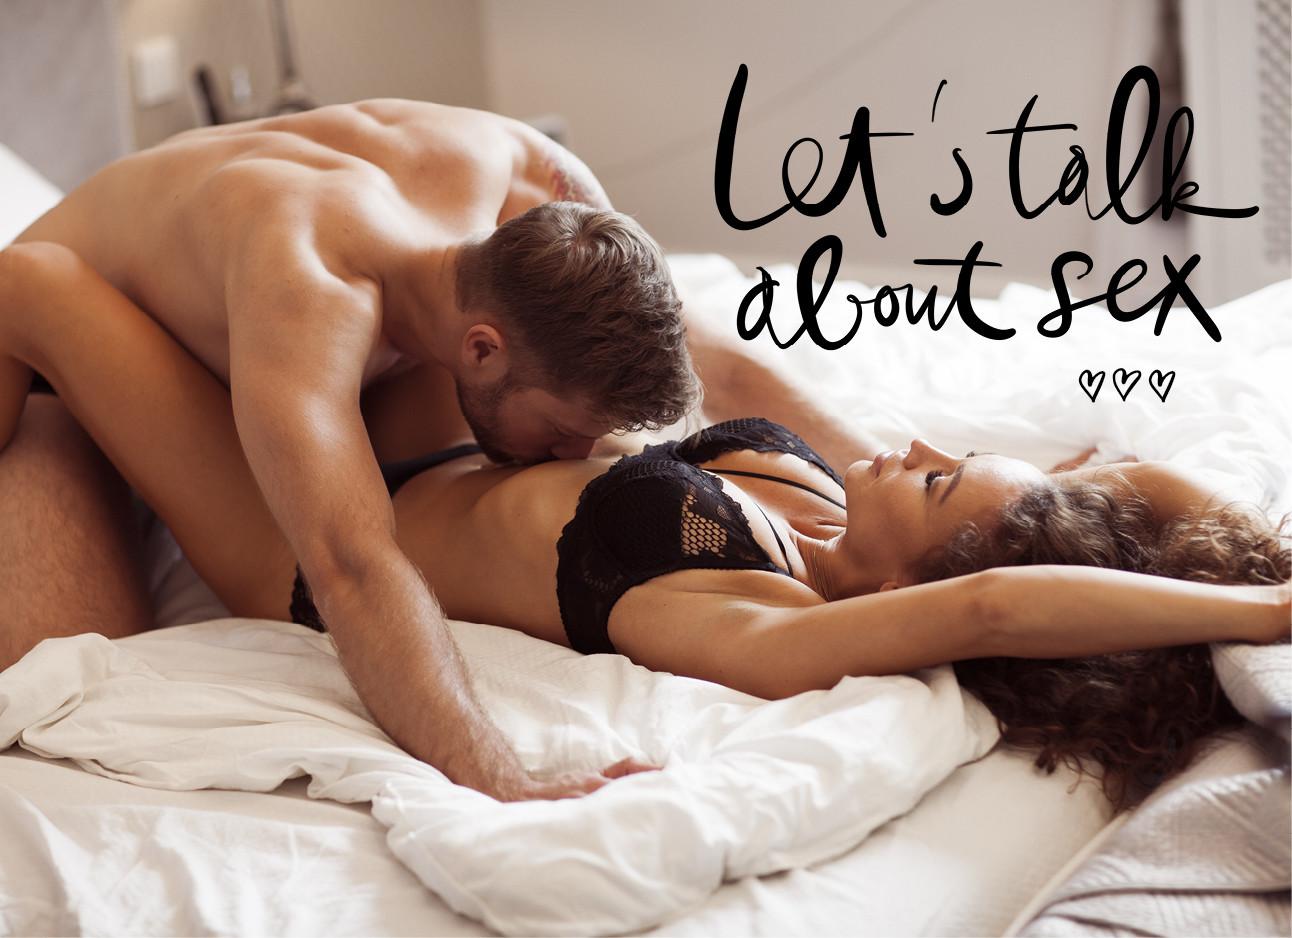 Een stelletje in bed liefde aan het bedrijven